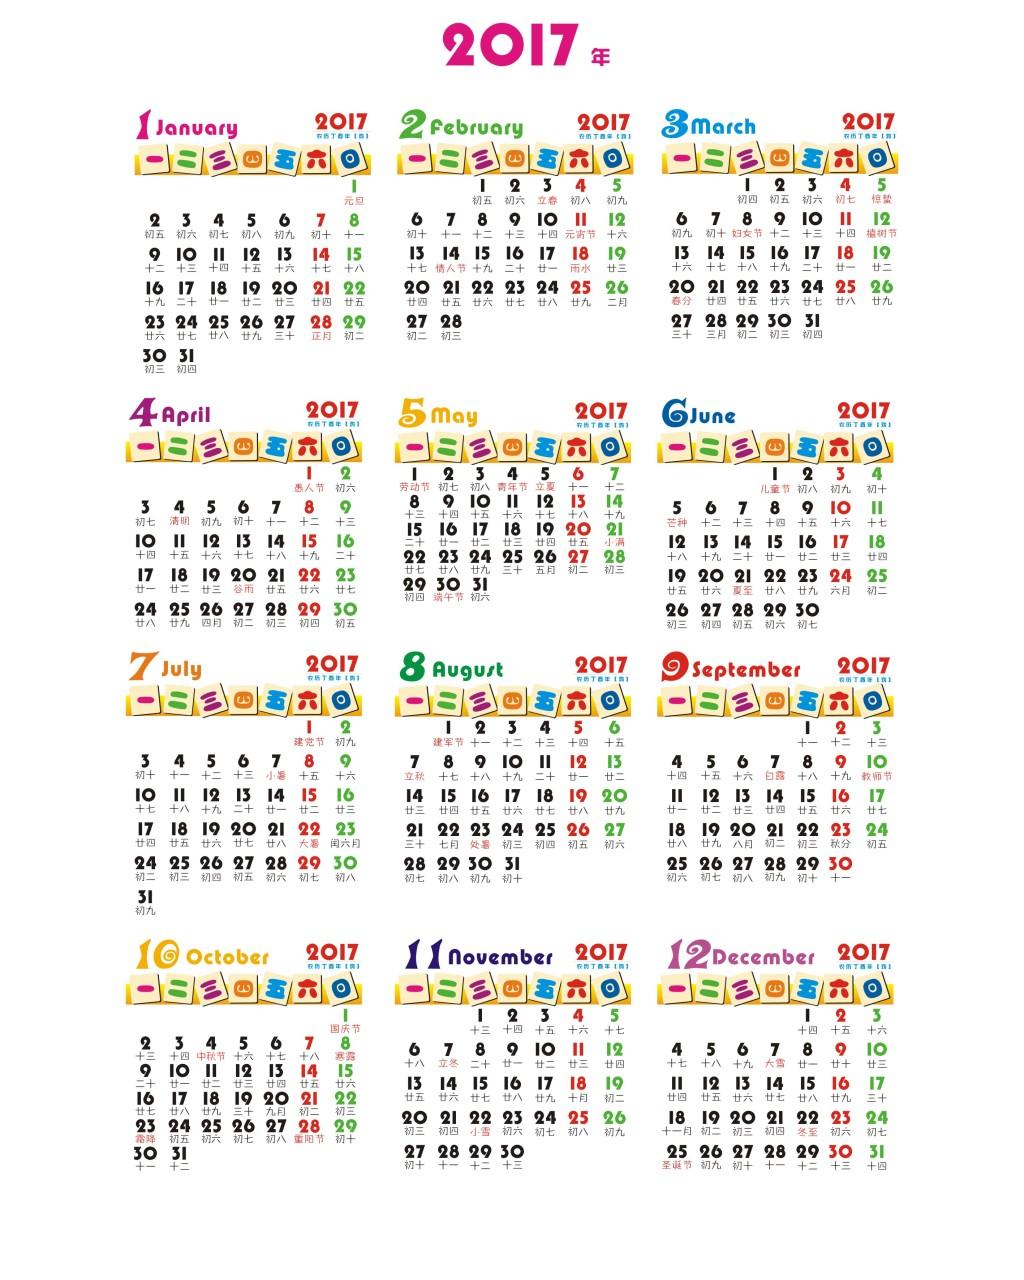 国务院2017全年放假安排时间表